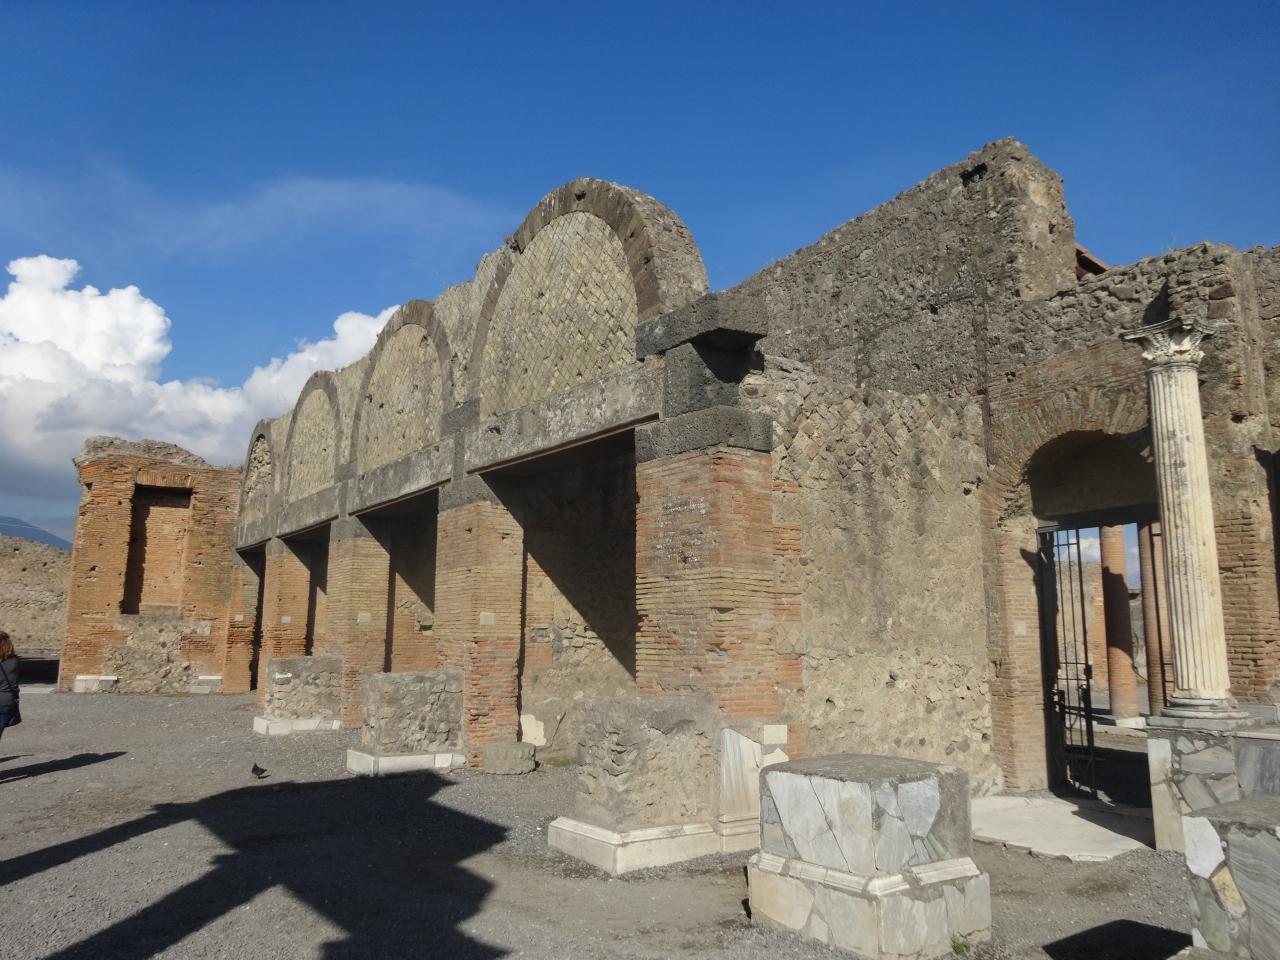 ポンペイ、ヘルクラネウム及びトッレ・アンヌンツィアータの遺跡地域の画像 p1_29